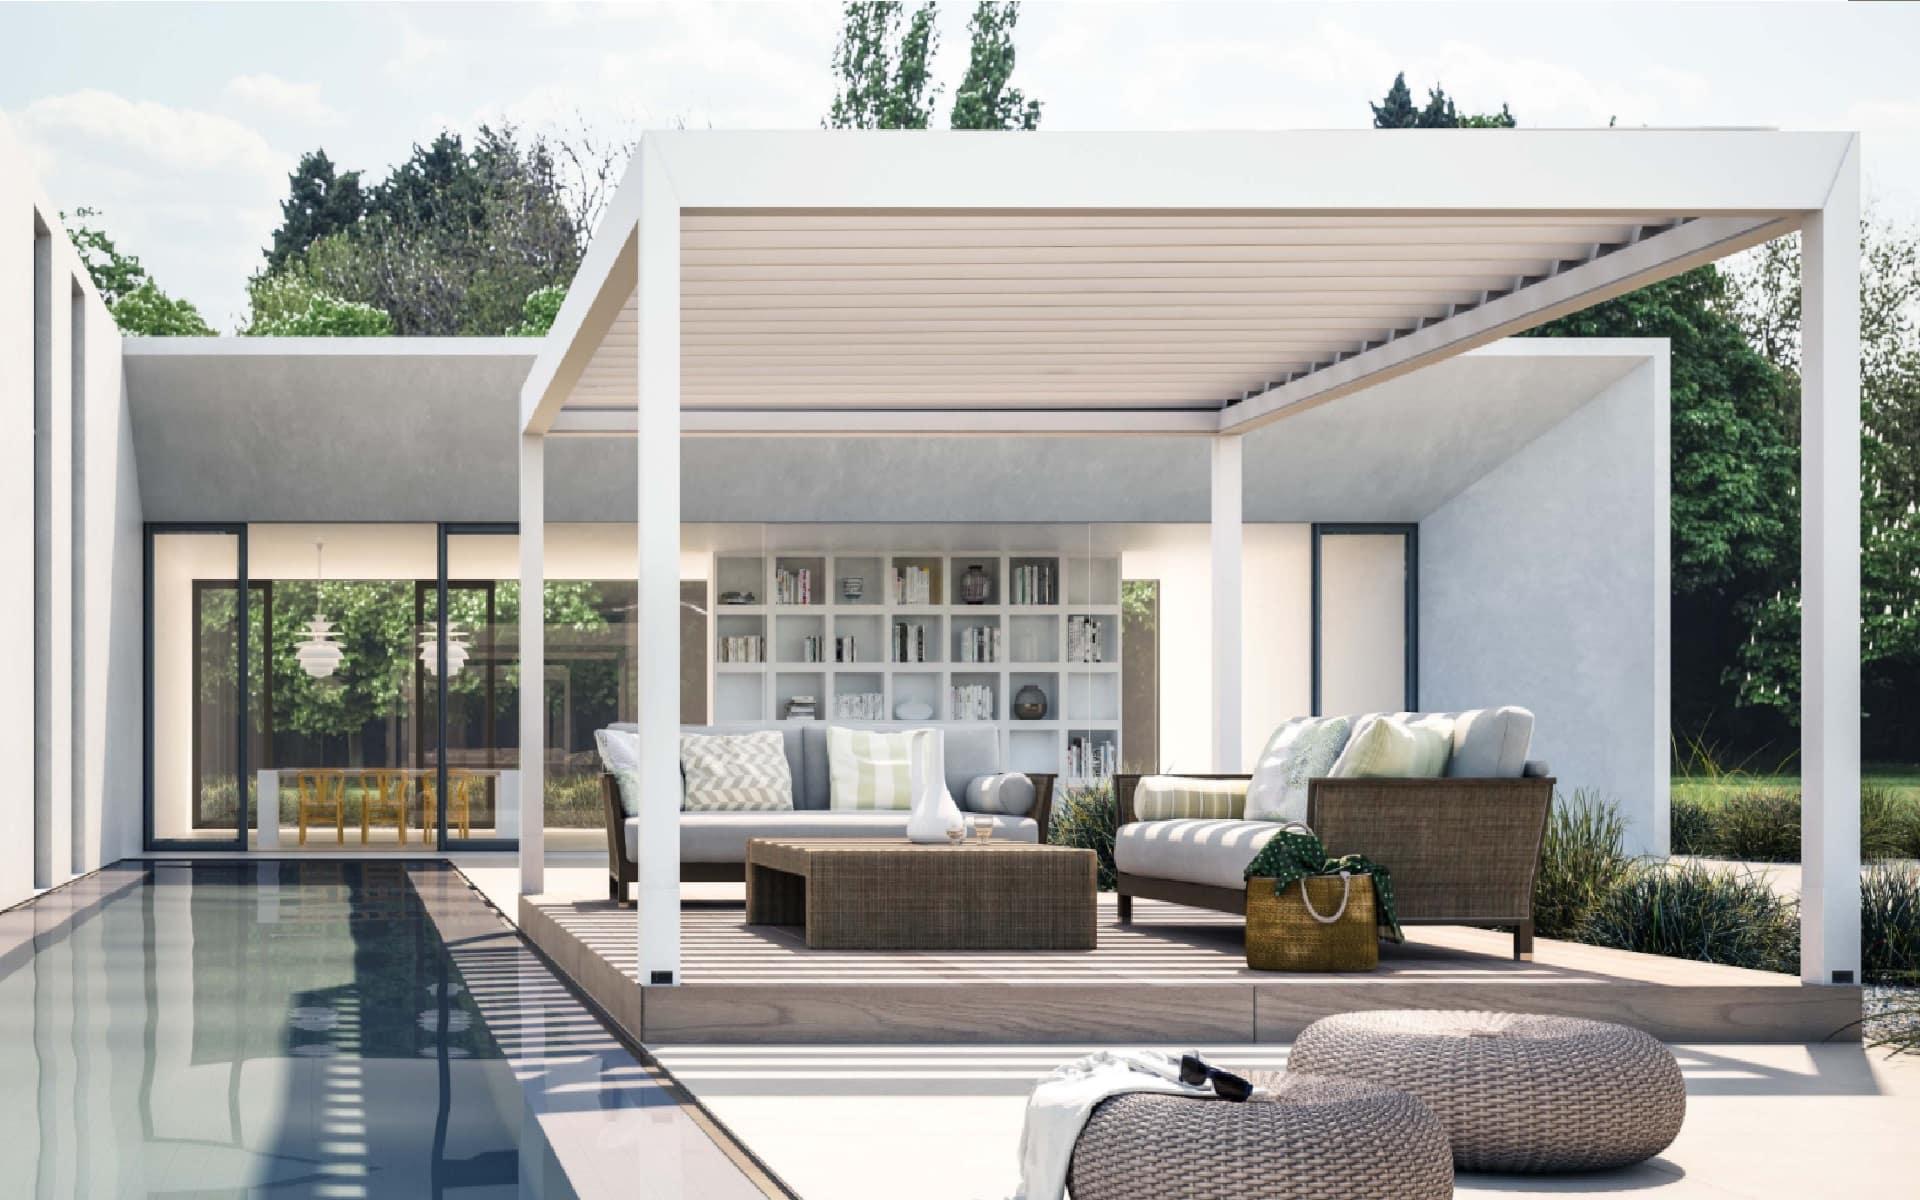 Terrassendach zum Schutz der Gartenmöbel